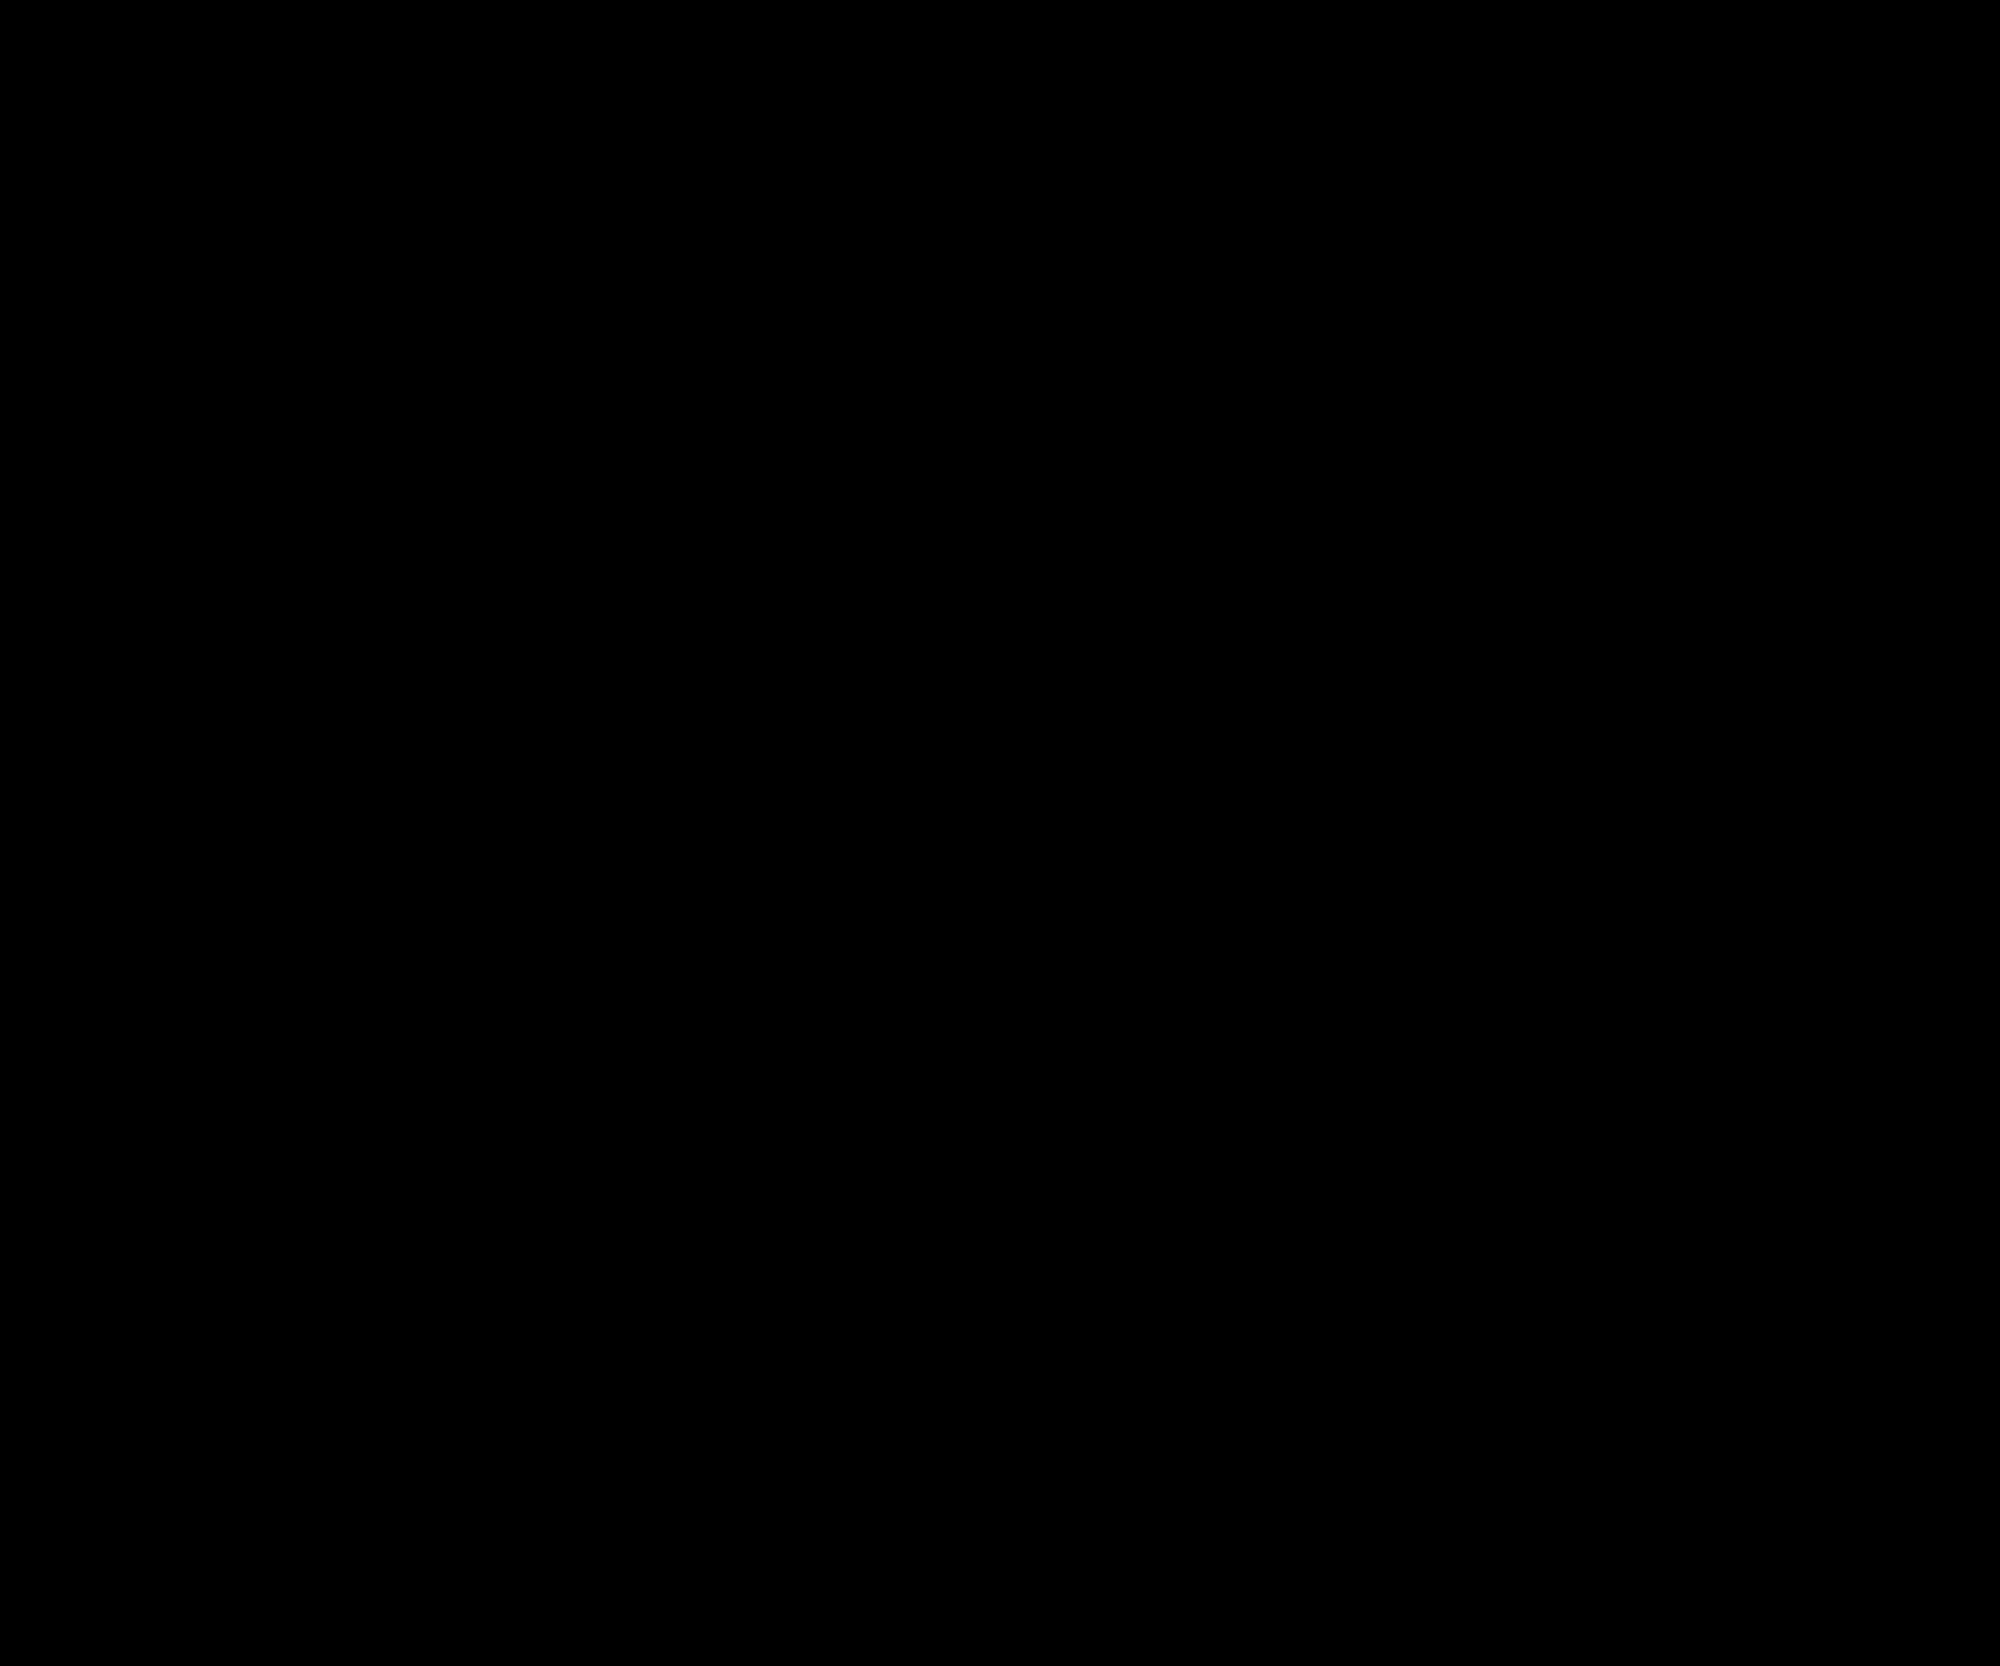 2000x1666 Filemedusa Dibujo.svg